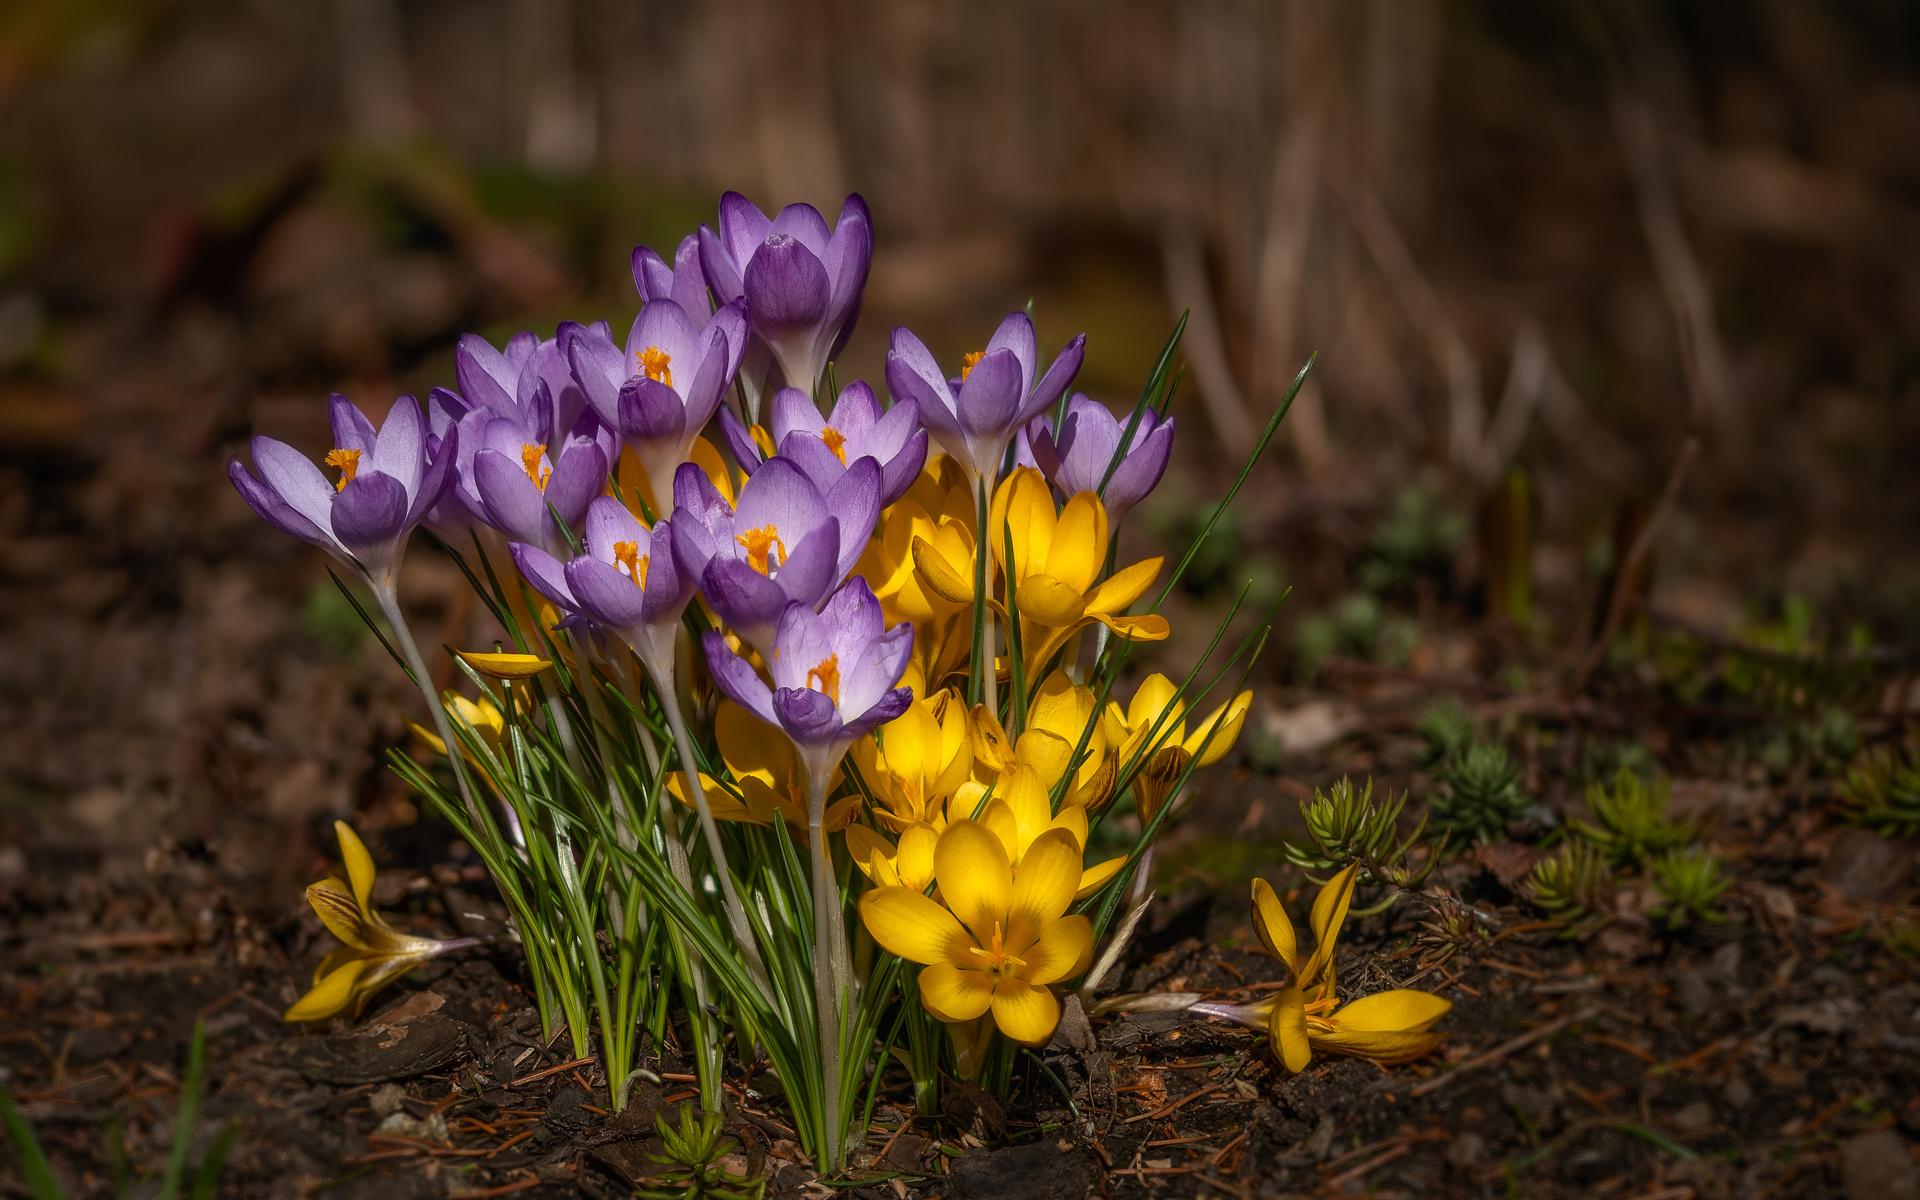 krokus, crocus, крокус, крокусы, весна, цветение, цветы, флора